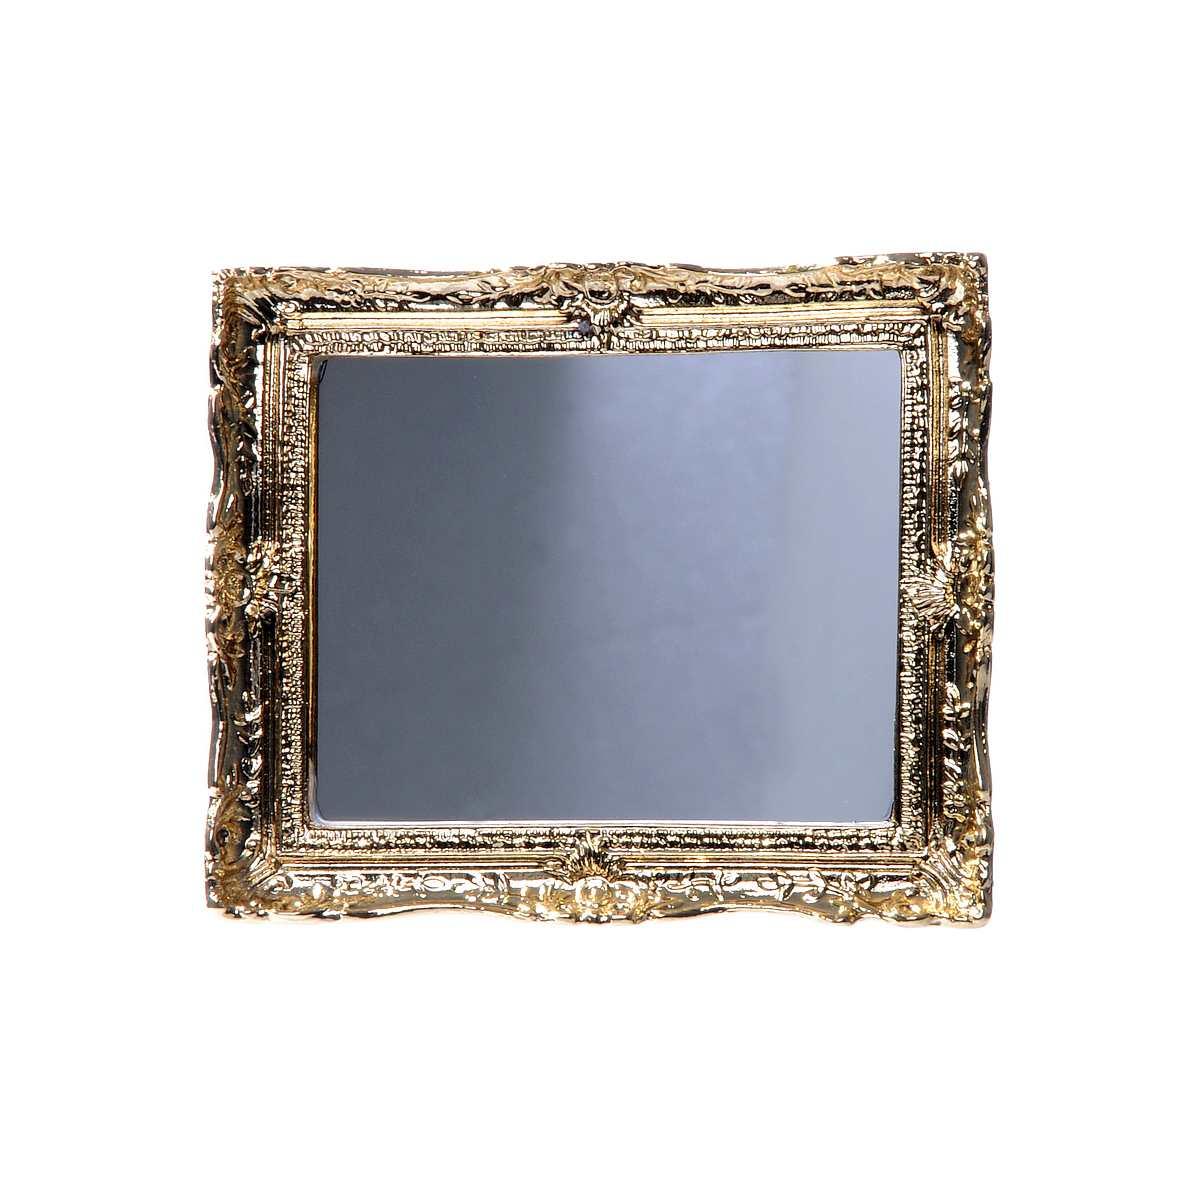 spiegel mit goldrahmen spiegel olagora mit goldrahmen aus. Black Bedroom Furniture Sets. Home Design Ideas